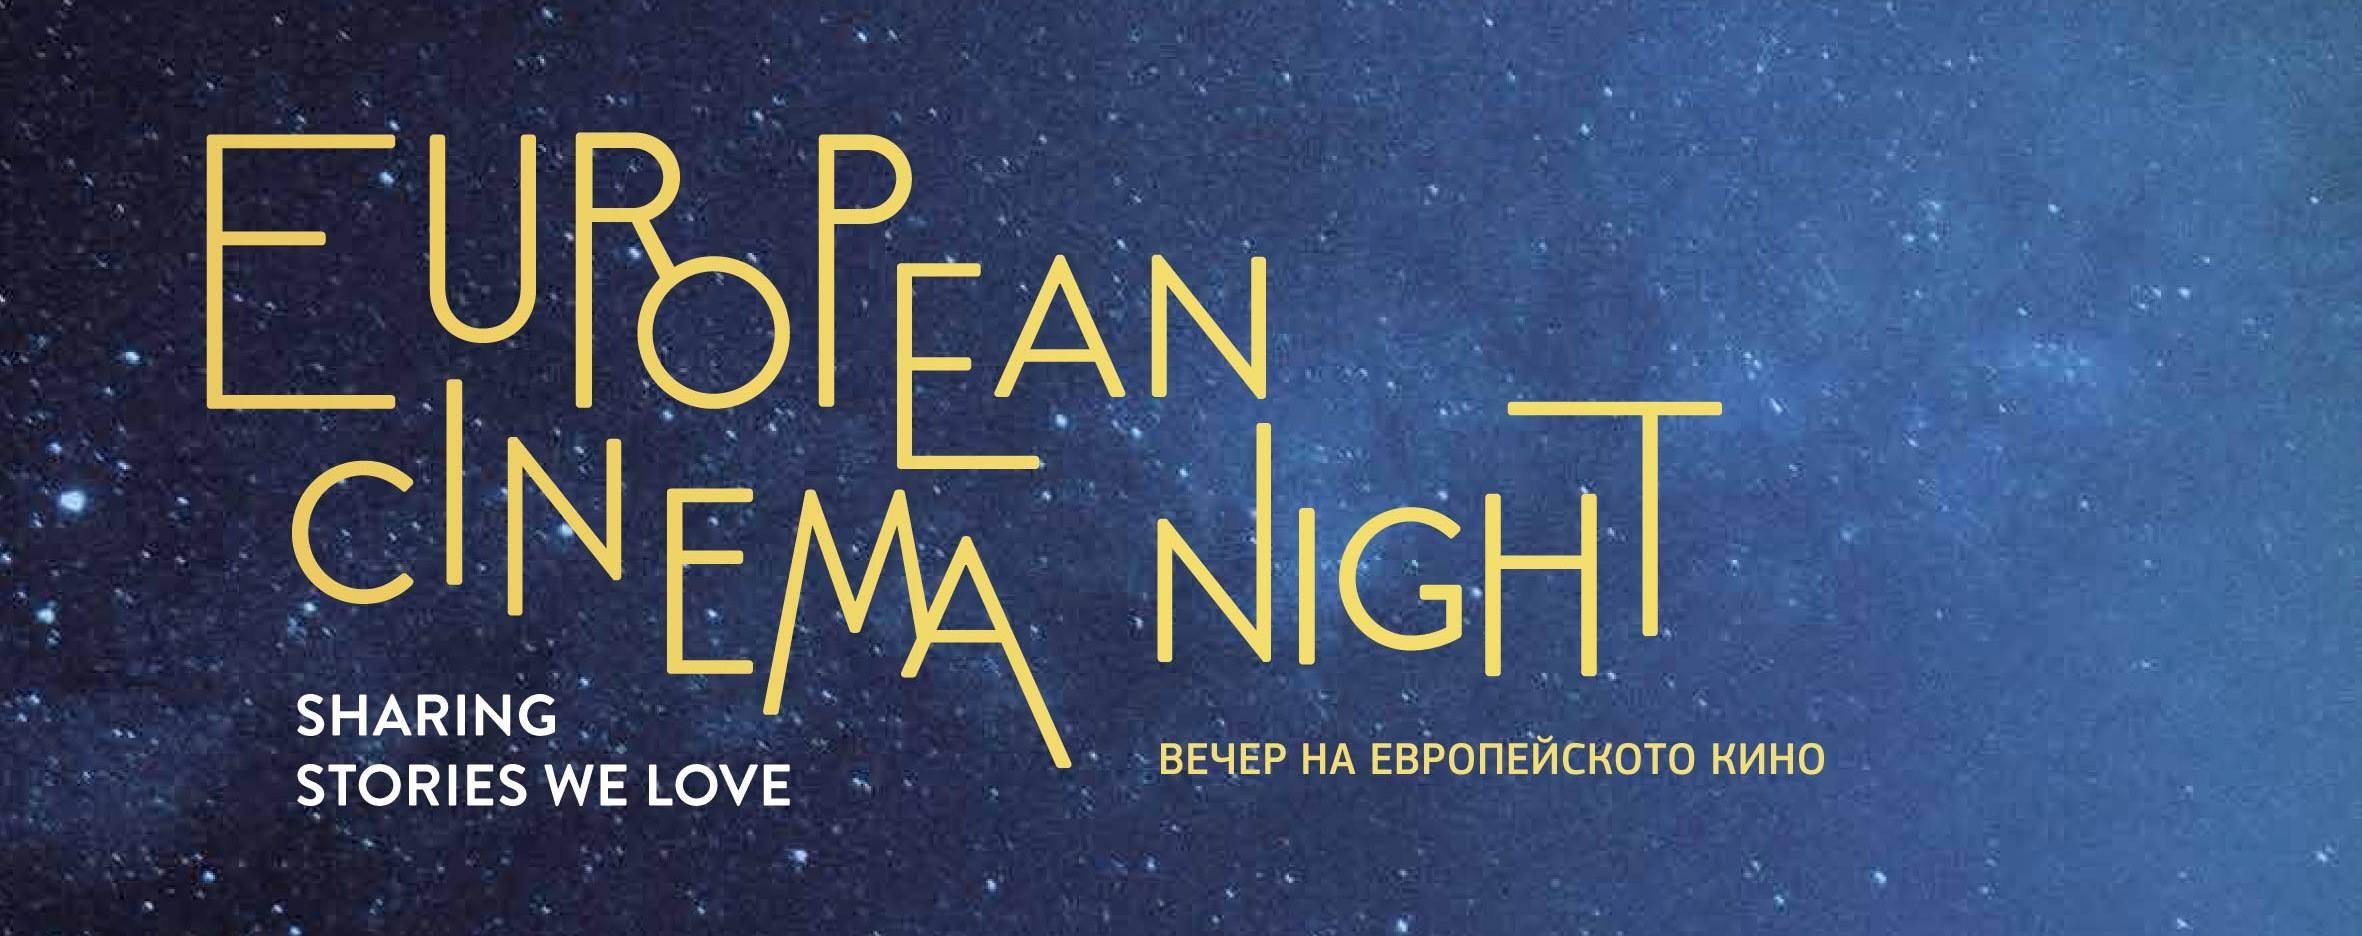 Вечер на европейското кино в София